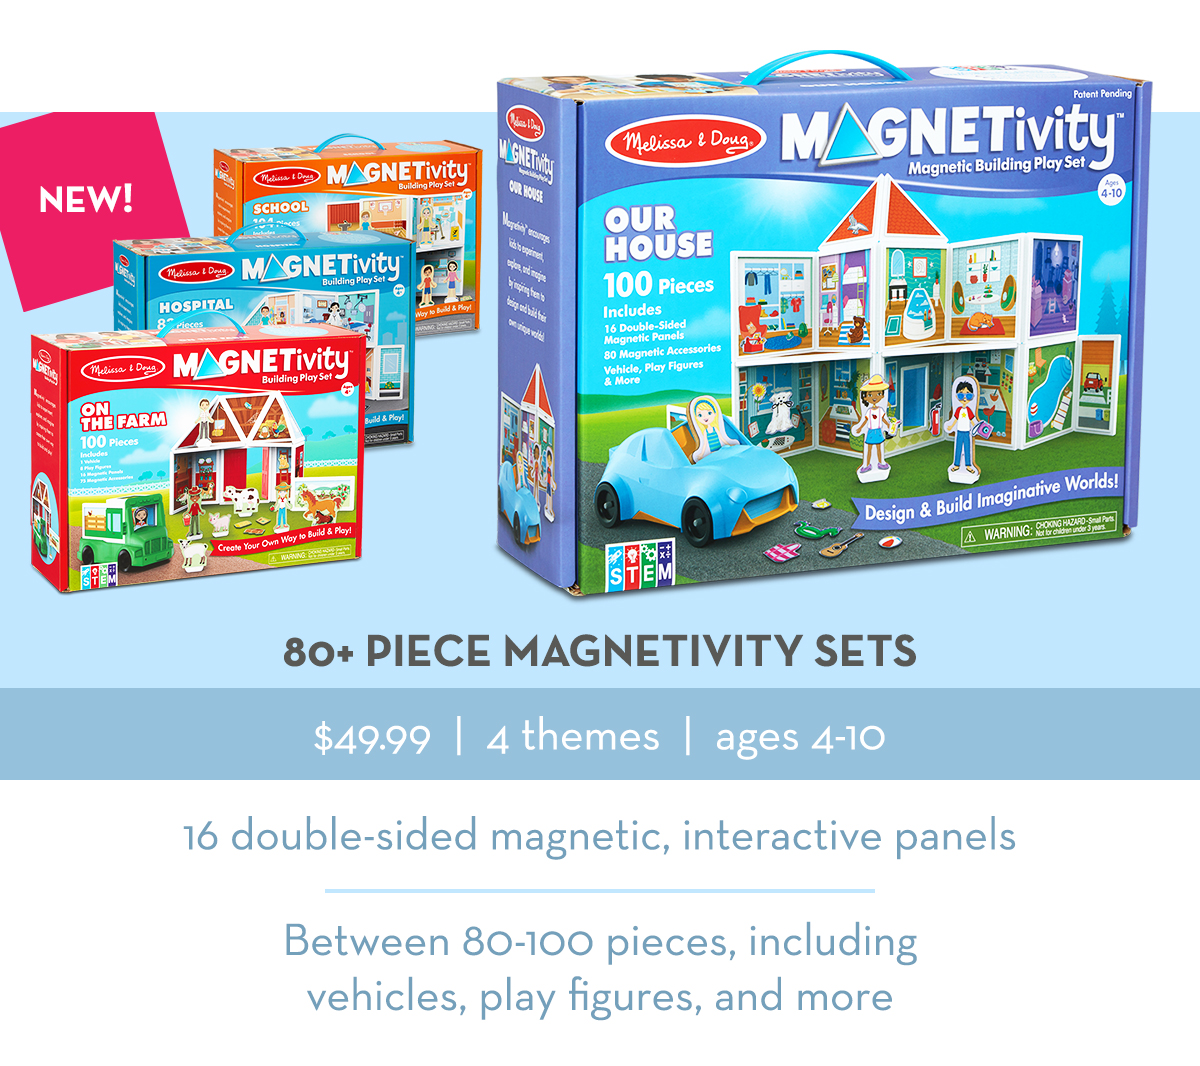 80+ Piece Magnetivity Sets